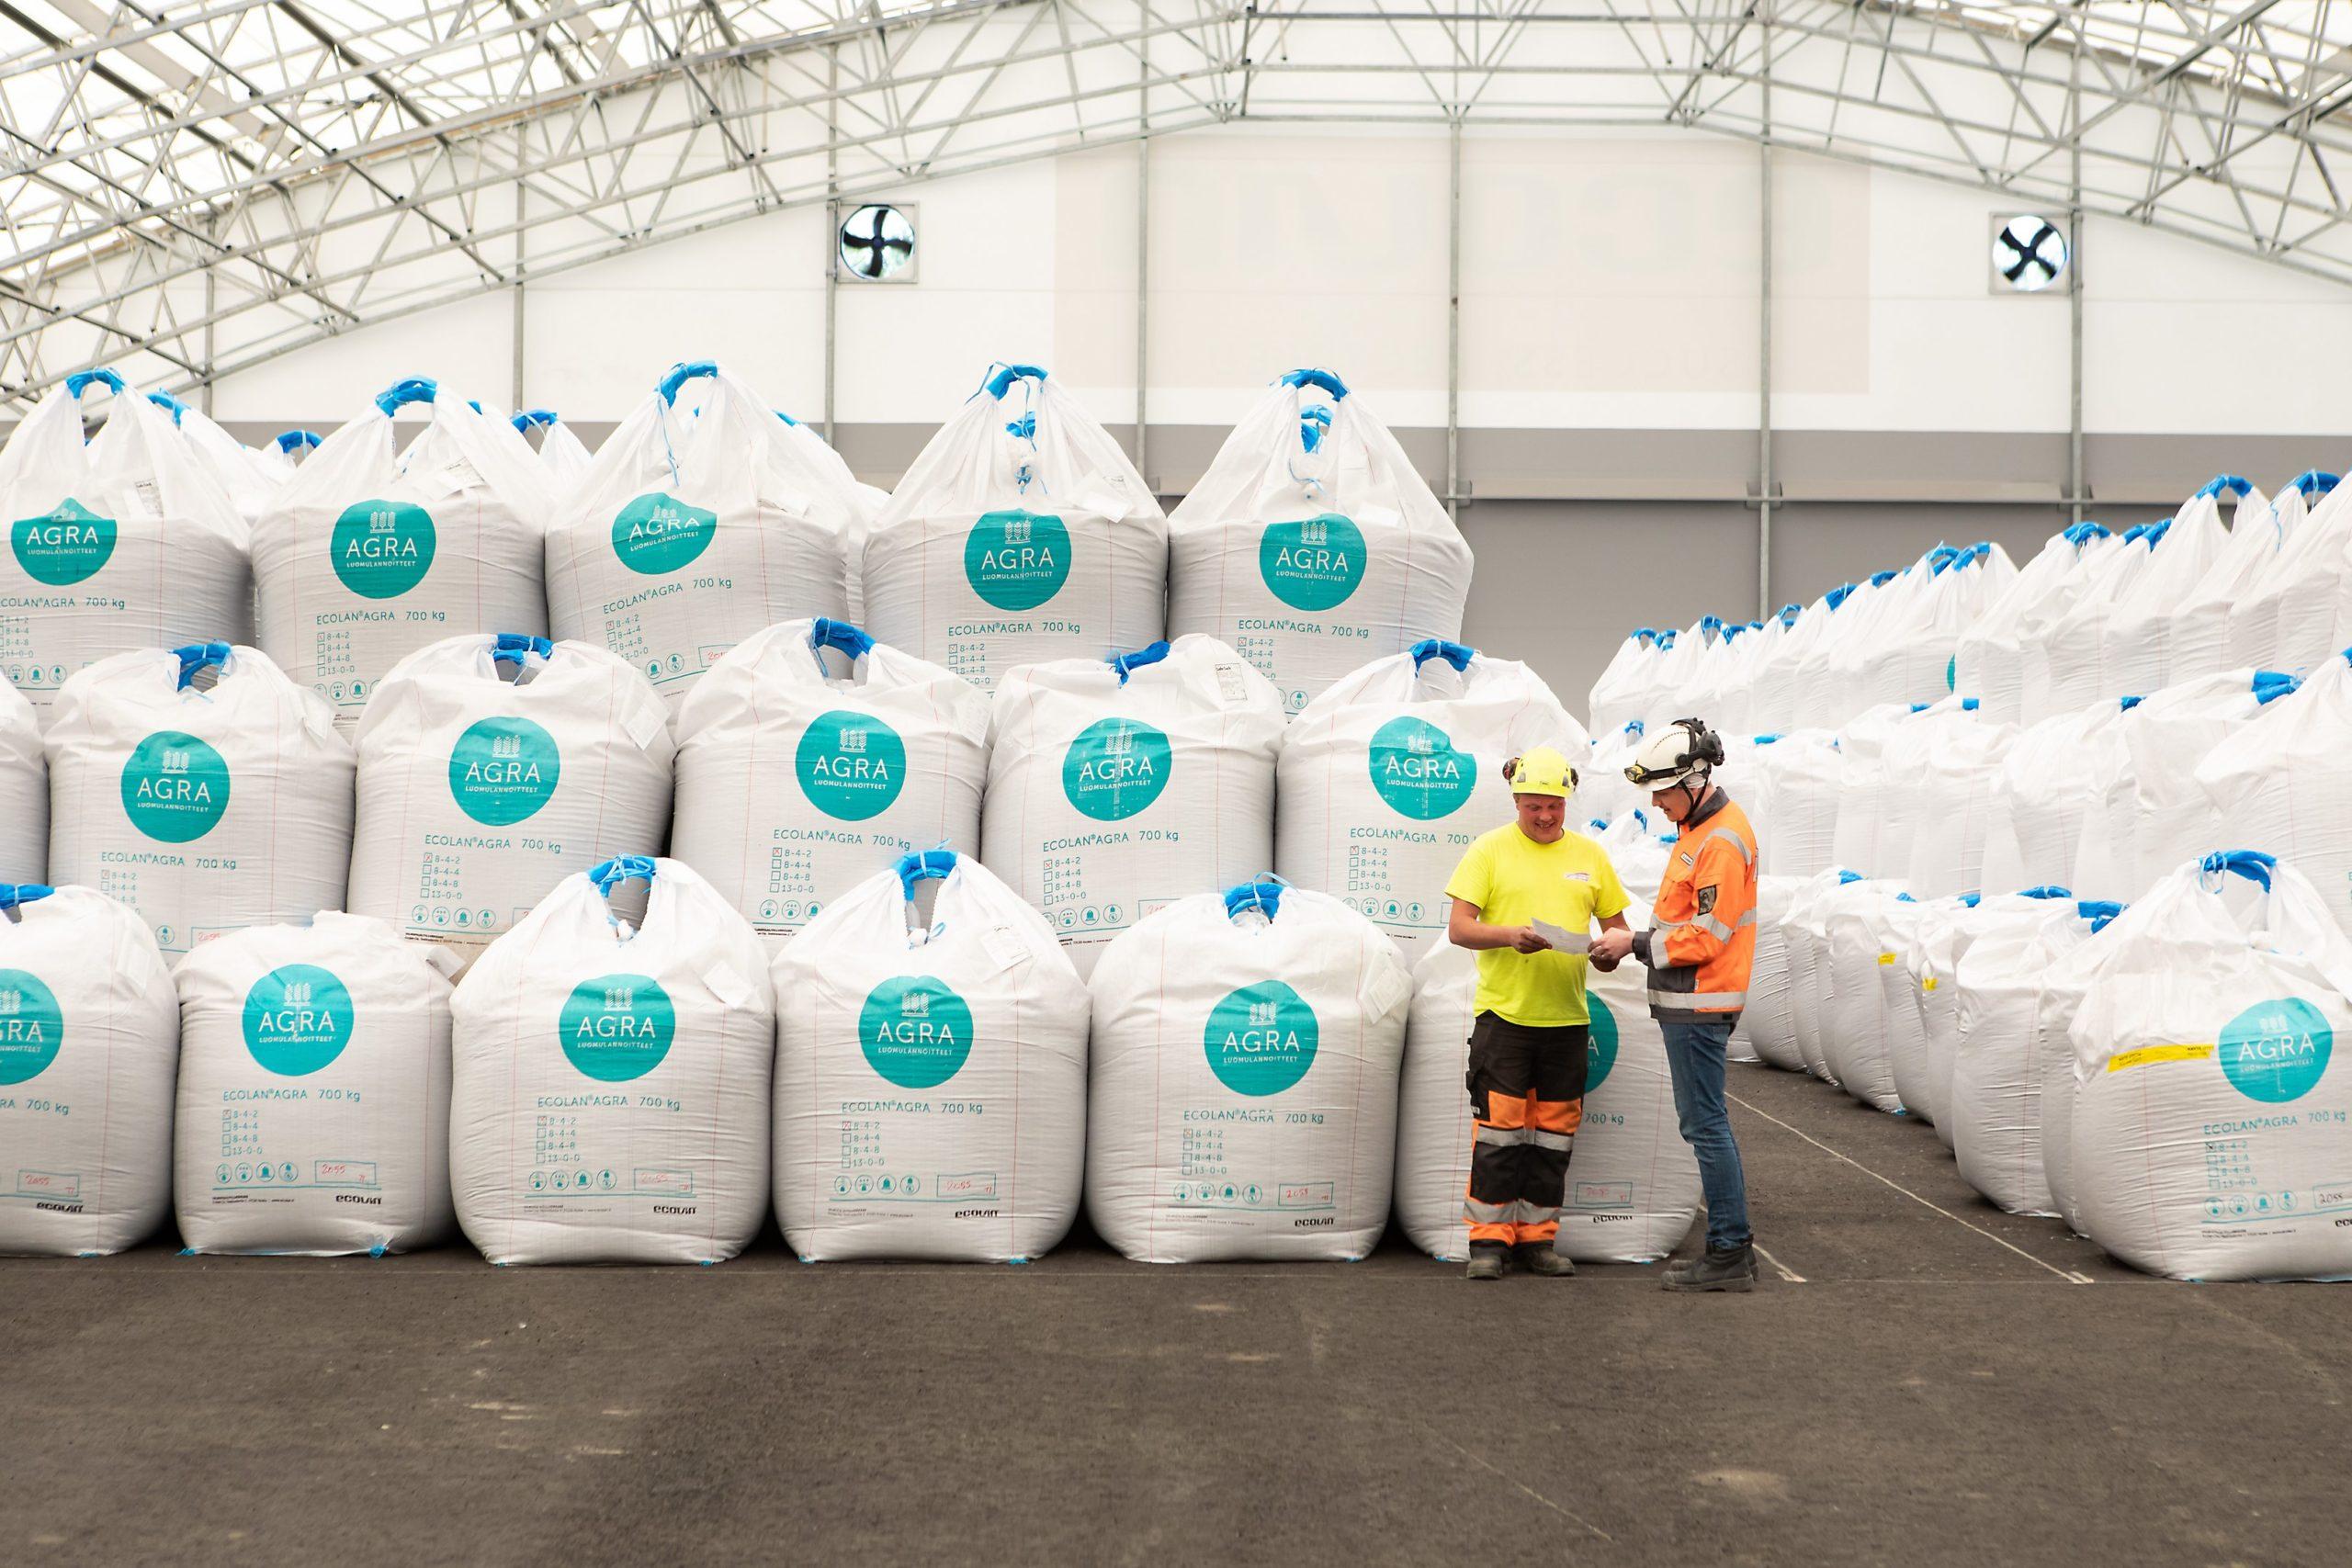 Ecolan Oy:n luomulannoitevarasto, jossa suursäkkejä pinottuna ja säkkien edessä on kaksi yrityksen työntekijää keskustelemassa.